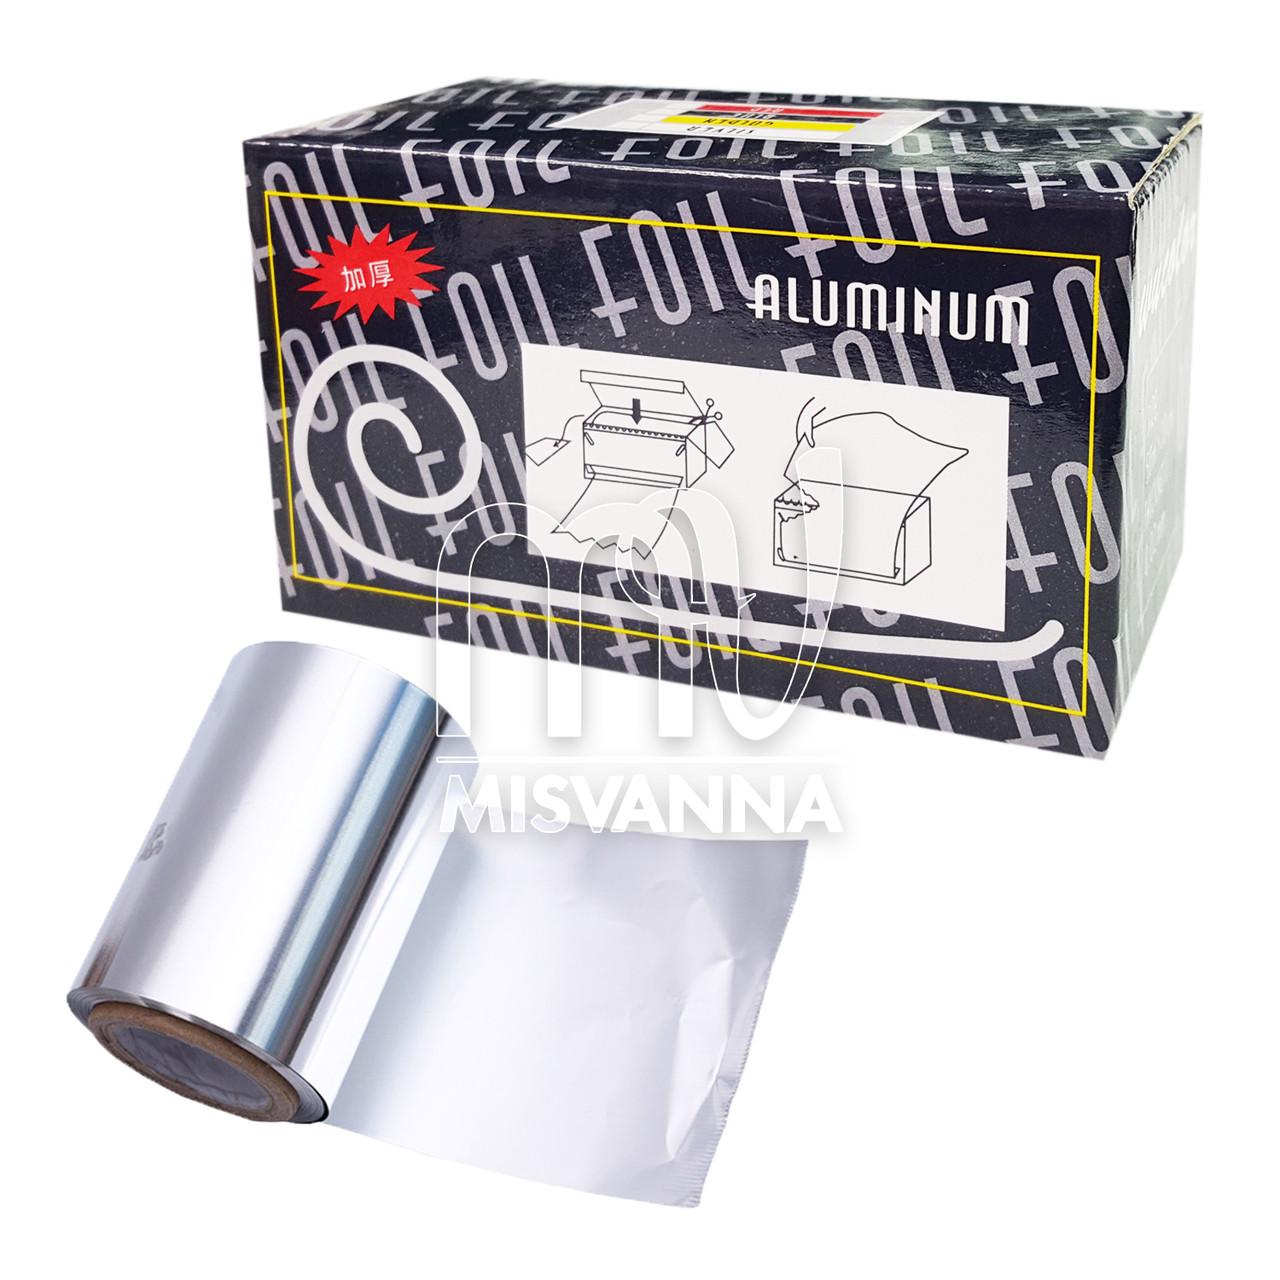 Фольга для снятия гель лака рулон с резаком, 50 м, ширина 10 мм